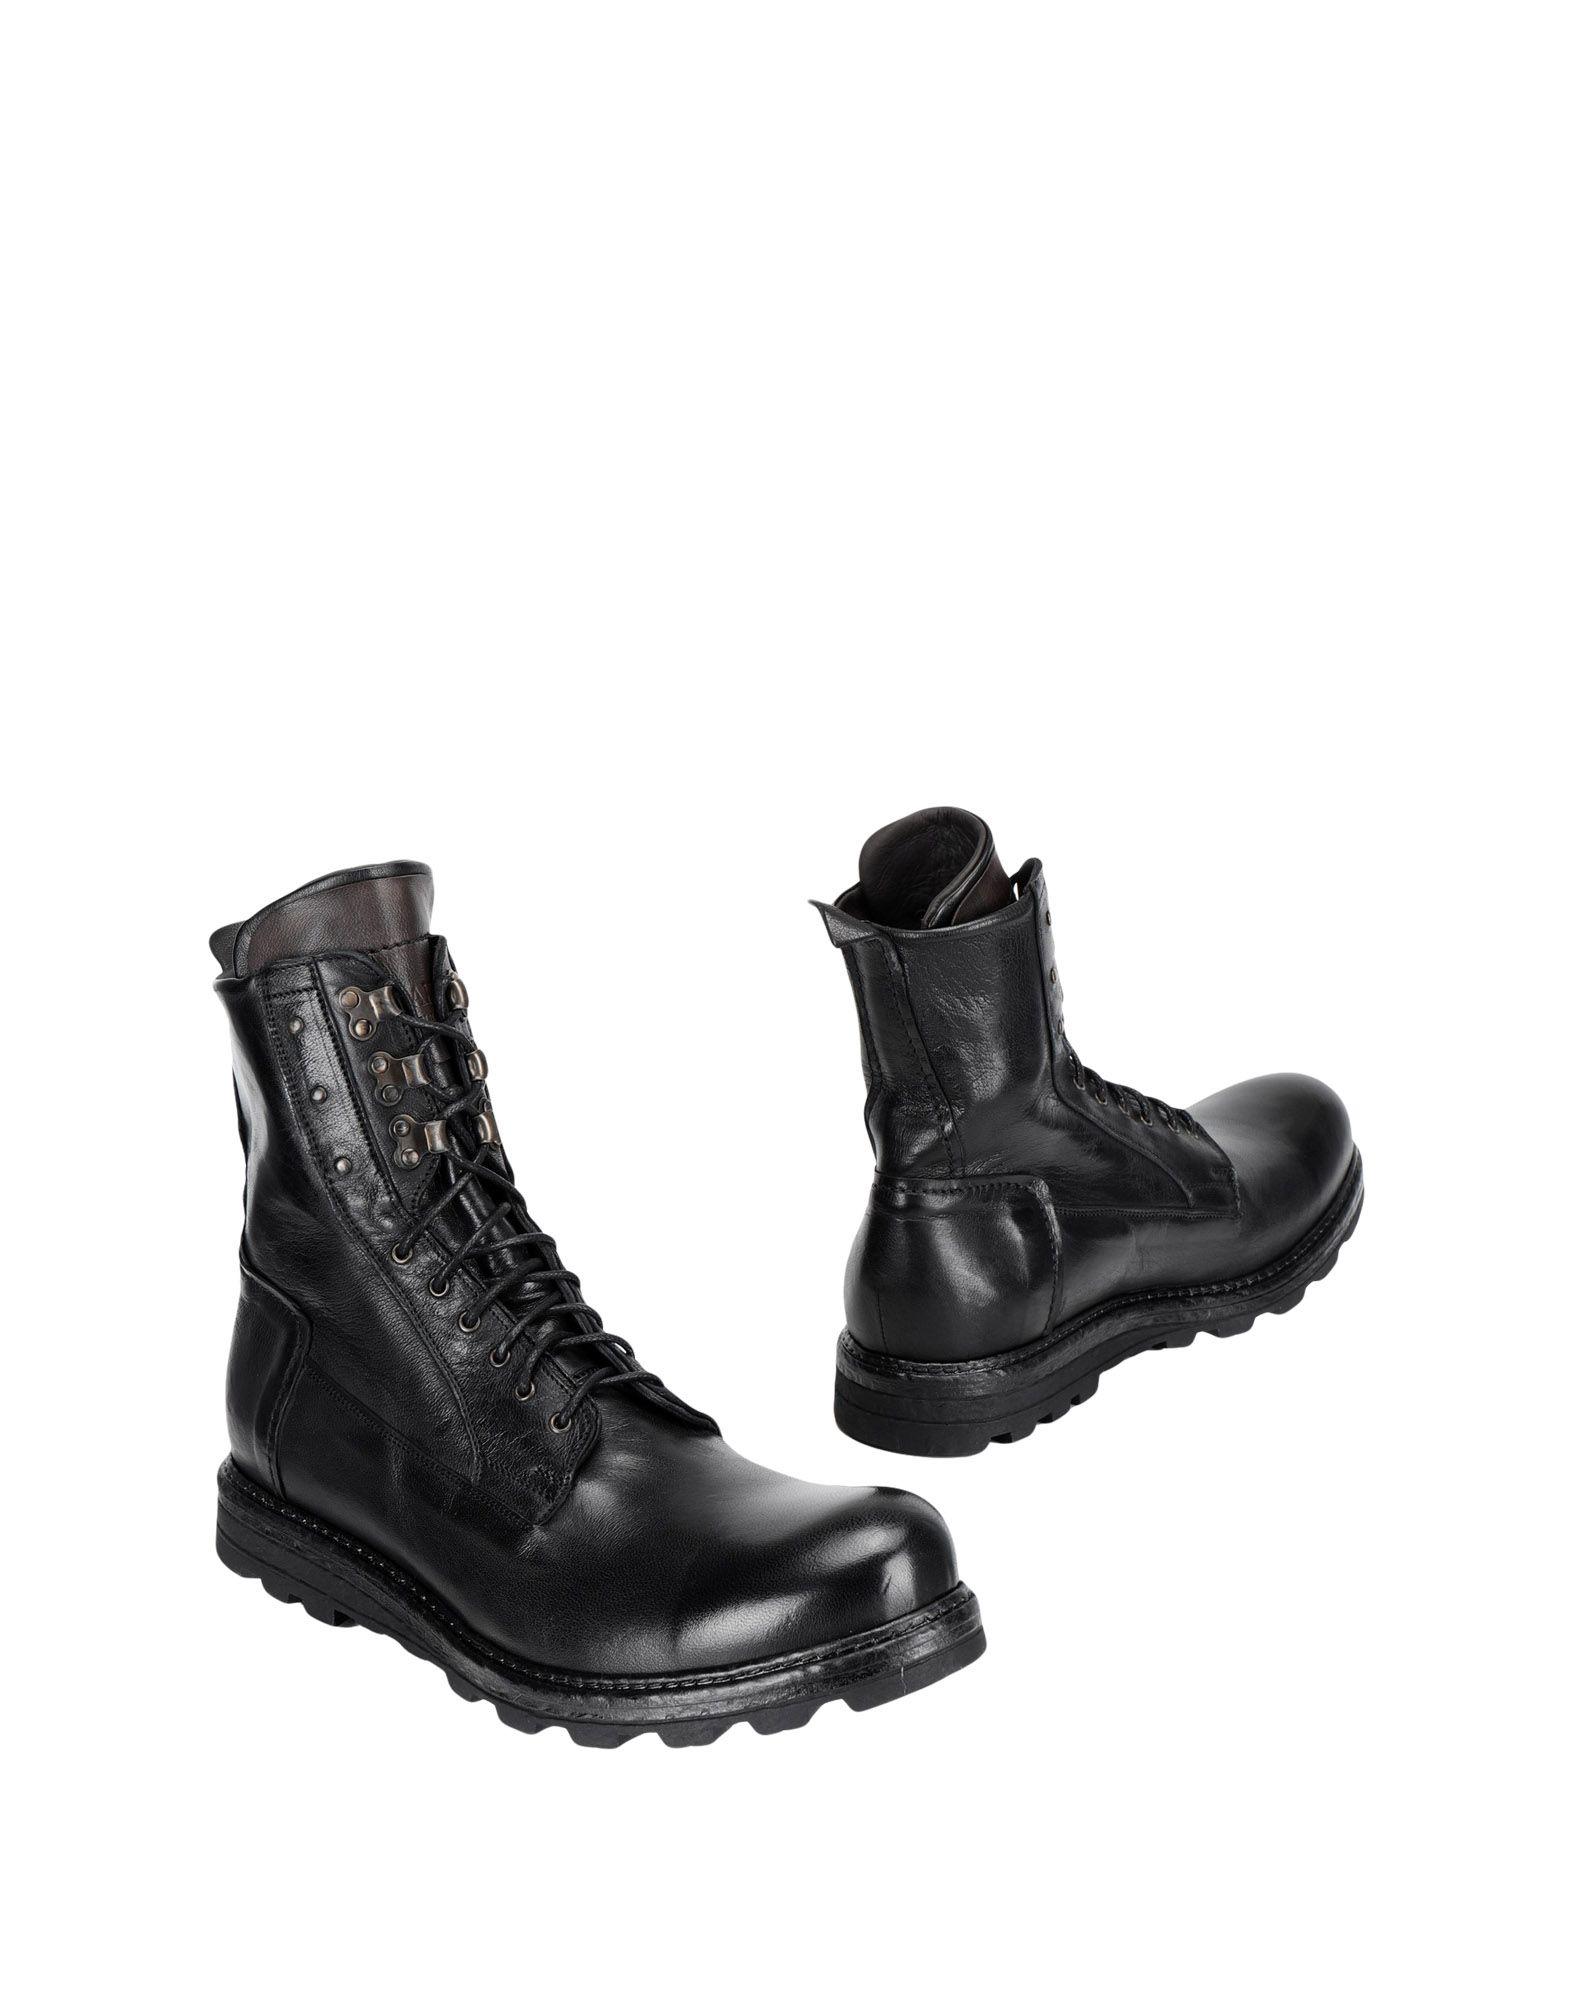 Mckanty Stiefelette Herren  11535847DC Gute Qualität beliebte Schuhe